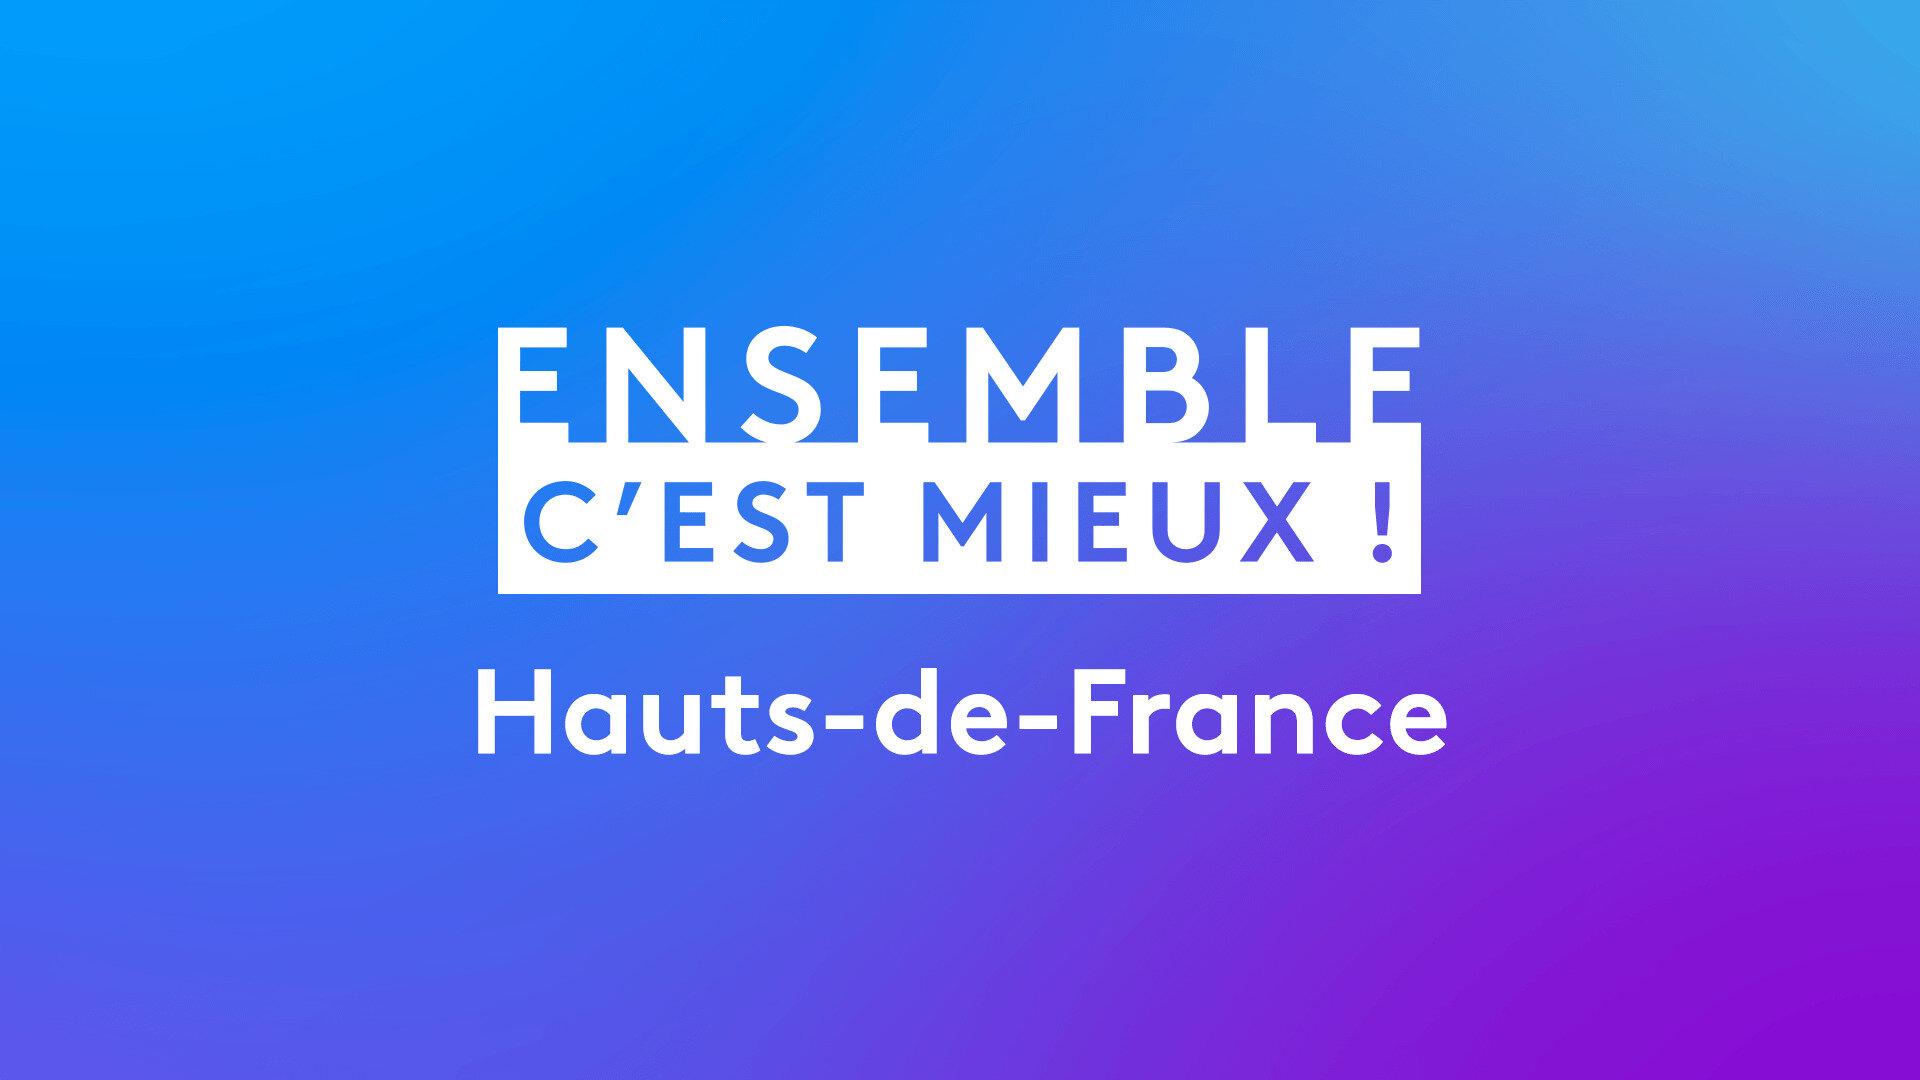 Ensemble c'est mieux ! Hauts-de-France : L'association Le Relais à Bruay-la-Buissière